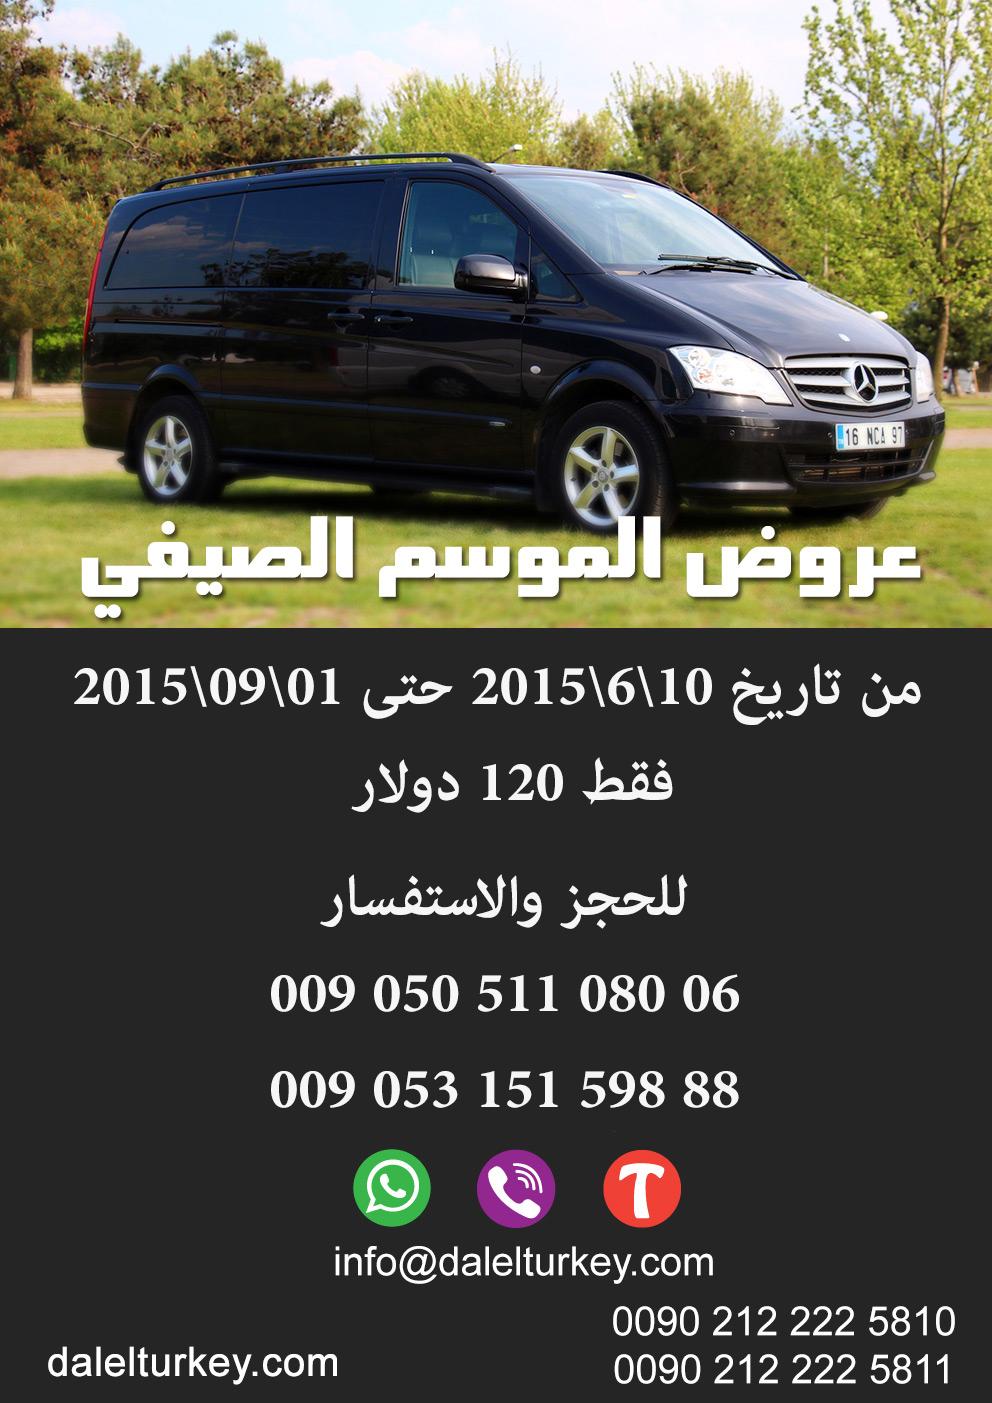 ارخص اسعار السيارات في تركيا دليل شركة poster2.jpg